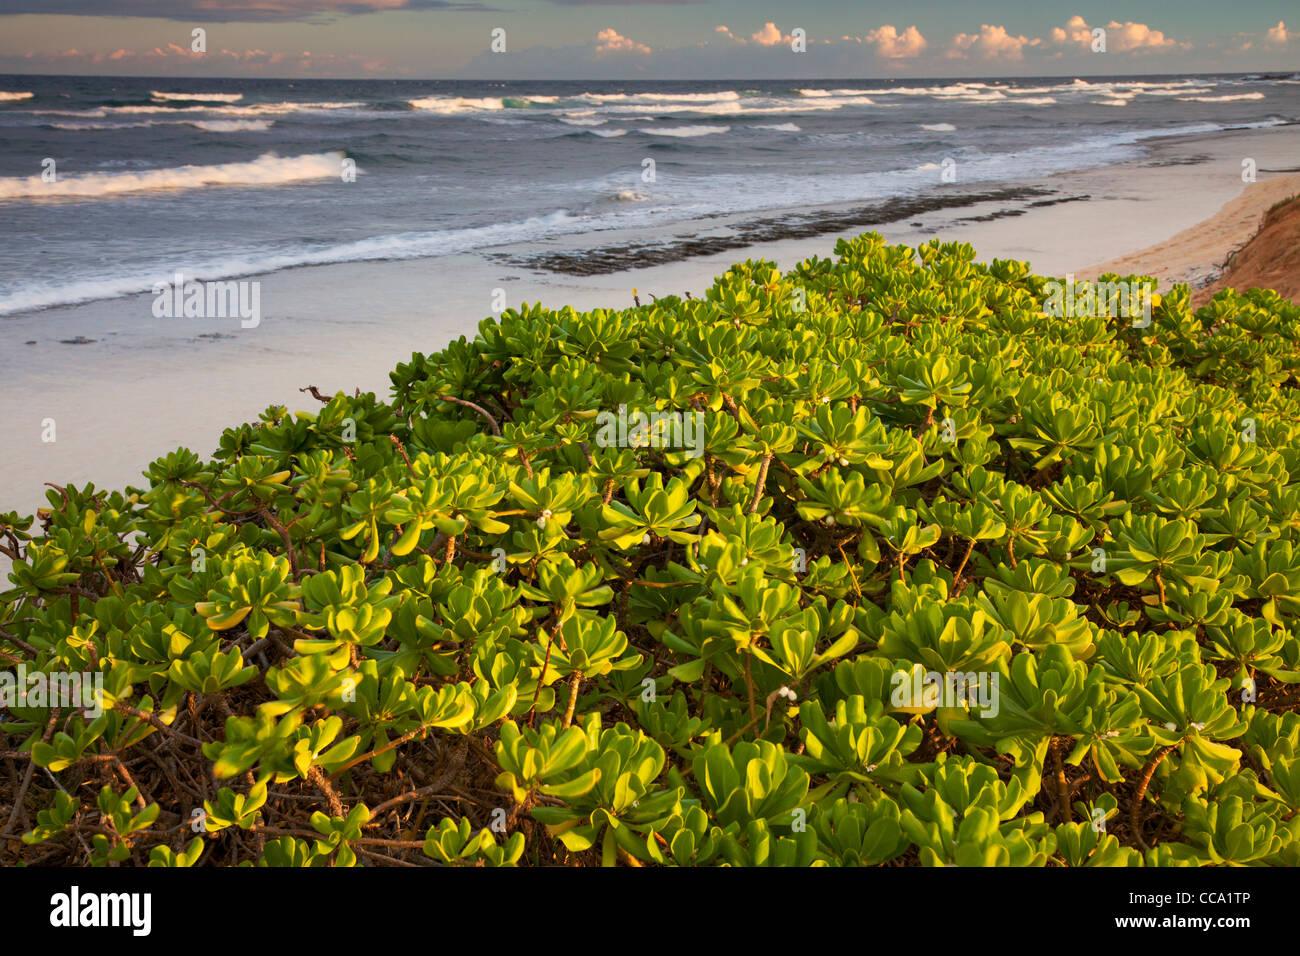 Nukolii Beach, también conocido como cocinas, Playa de Kauai, Hawaii. Foto de stock